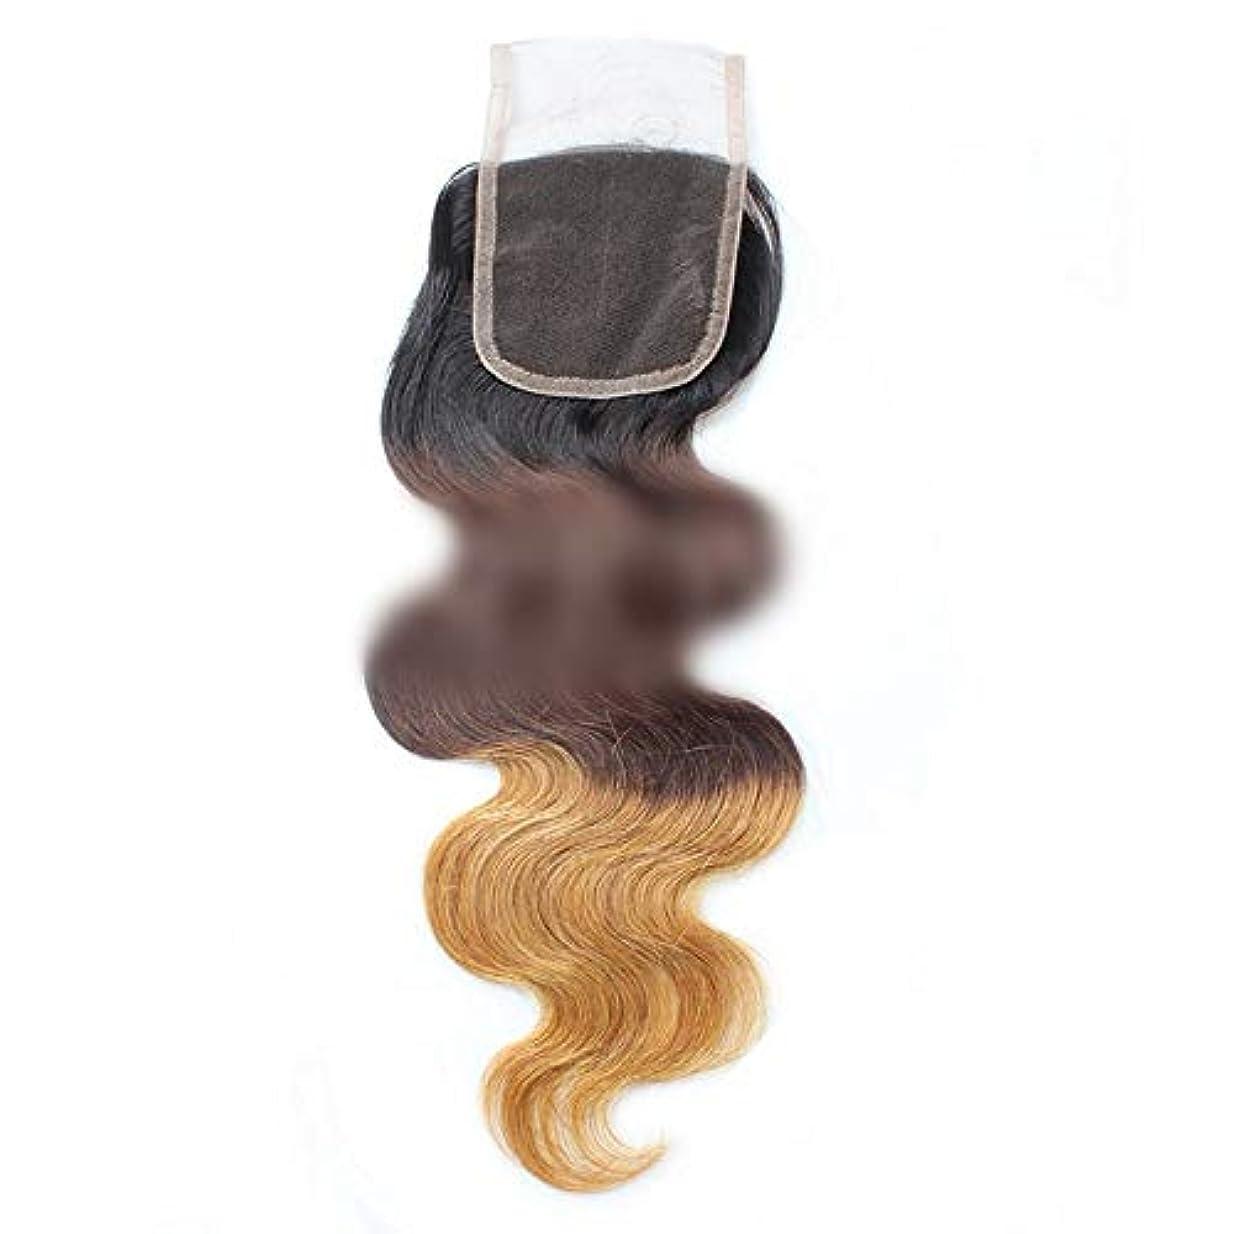 哲学置くためにパックメロディーWASAIO ヘアエクステンションブラジルバンドルボディウェーブ4X4レースフロンタル閉鎖ヒトブラックブラウン3トーンのカラーリングを金髪にします (色 : ブラウン, サイズ : 16 inch)